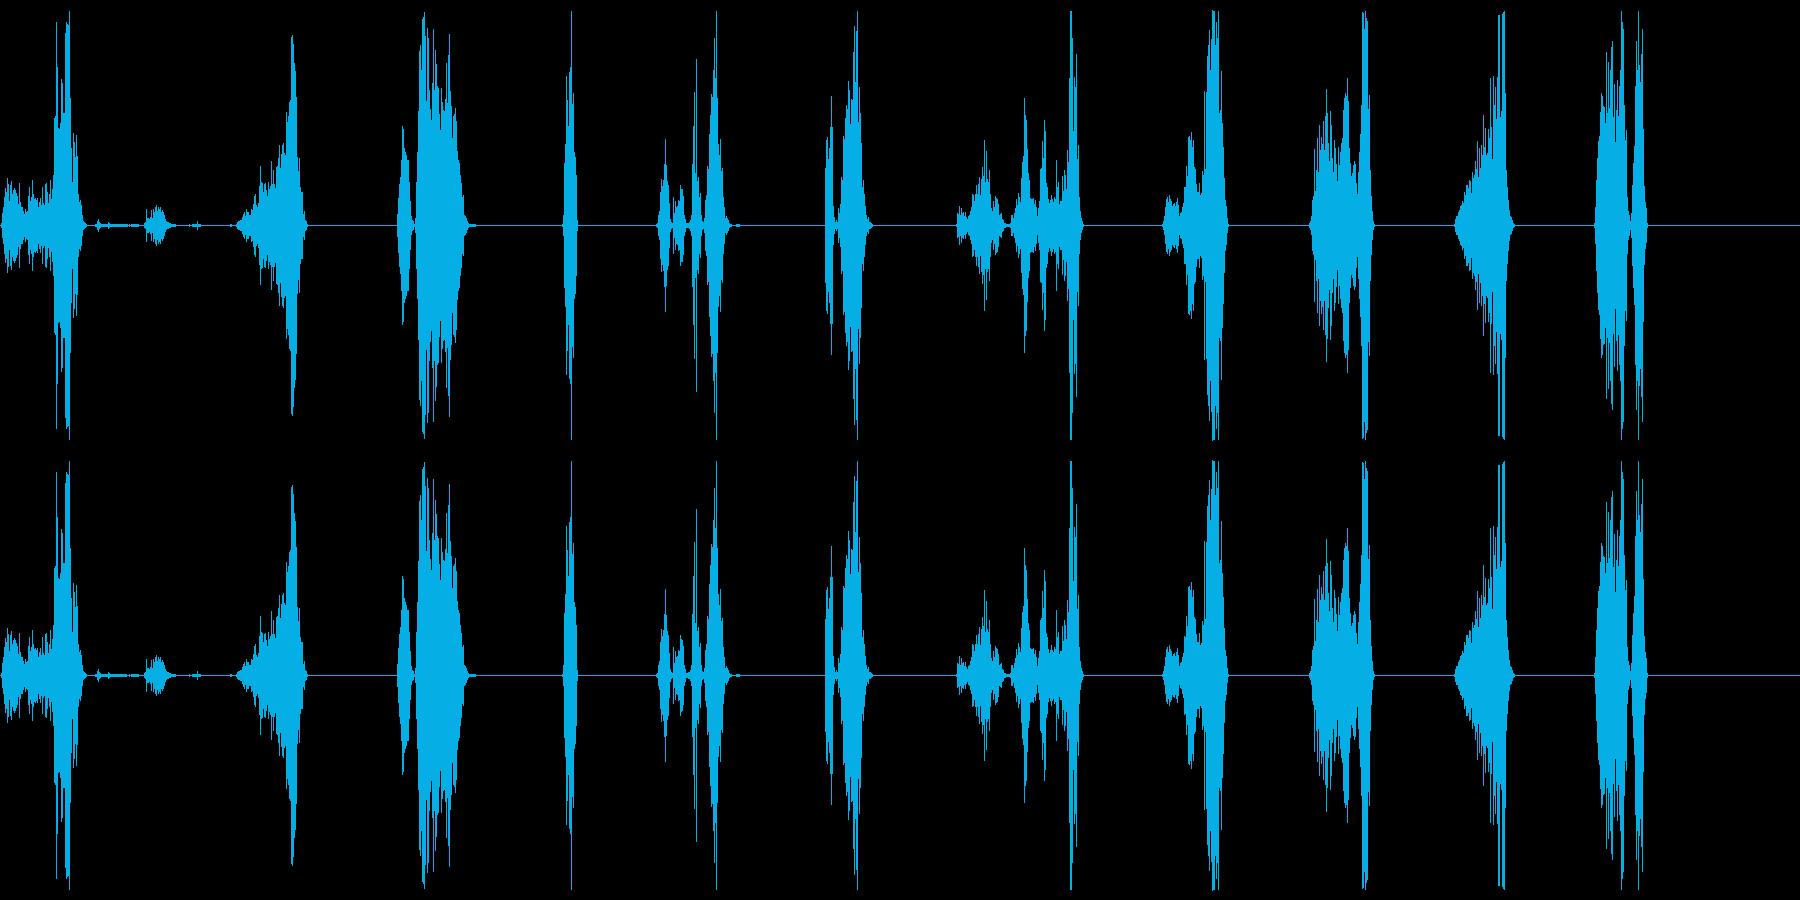 シングルバイト/ボーカルのみ21-30の再生済みの波形